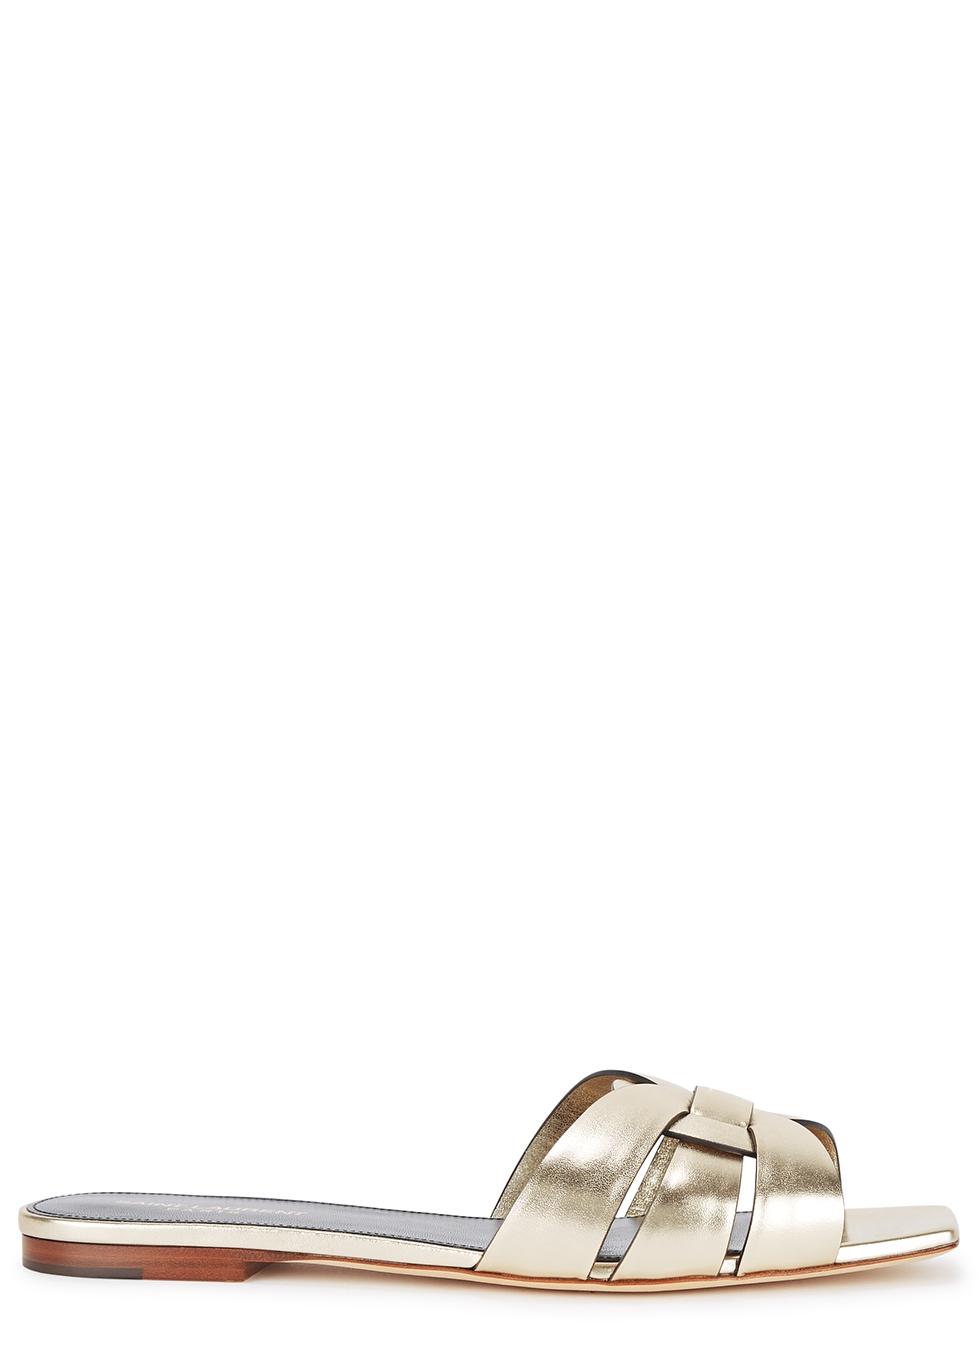 13875fbe6bf Saint Laurent Shoes, Boots, Sandals, Ankle Boots - Harvey Nichols.